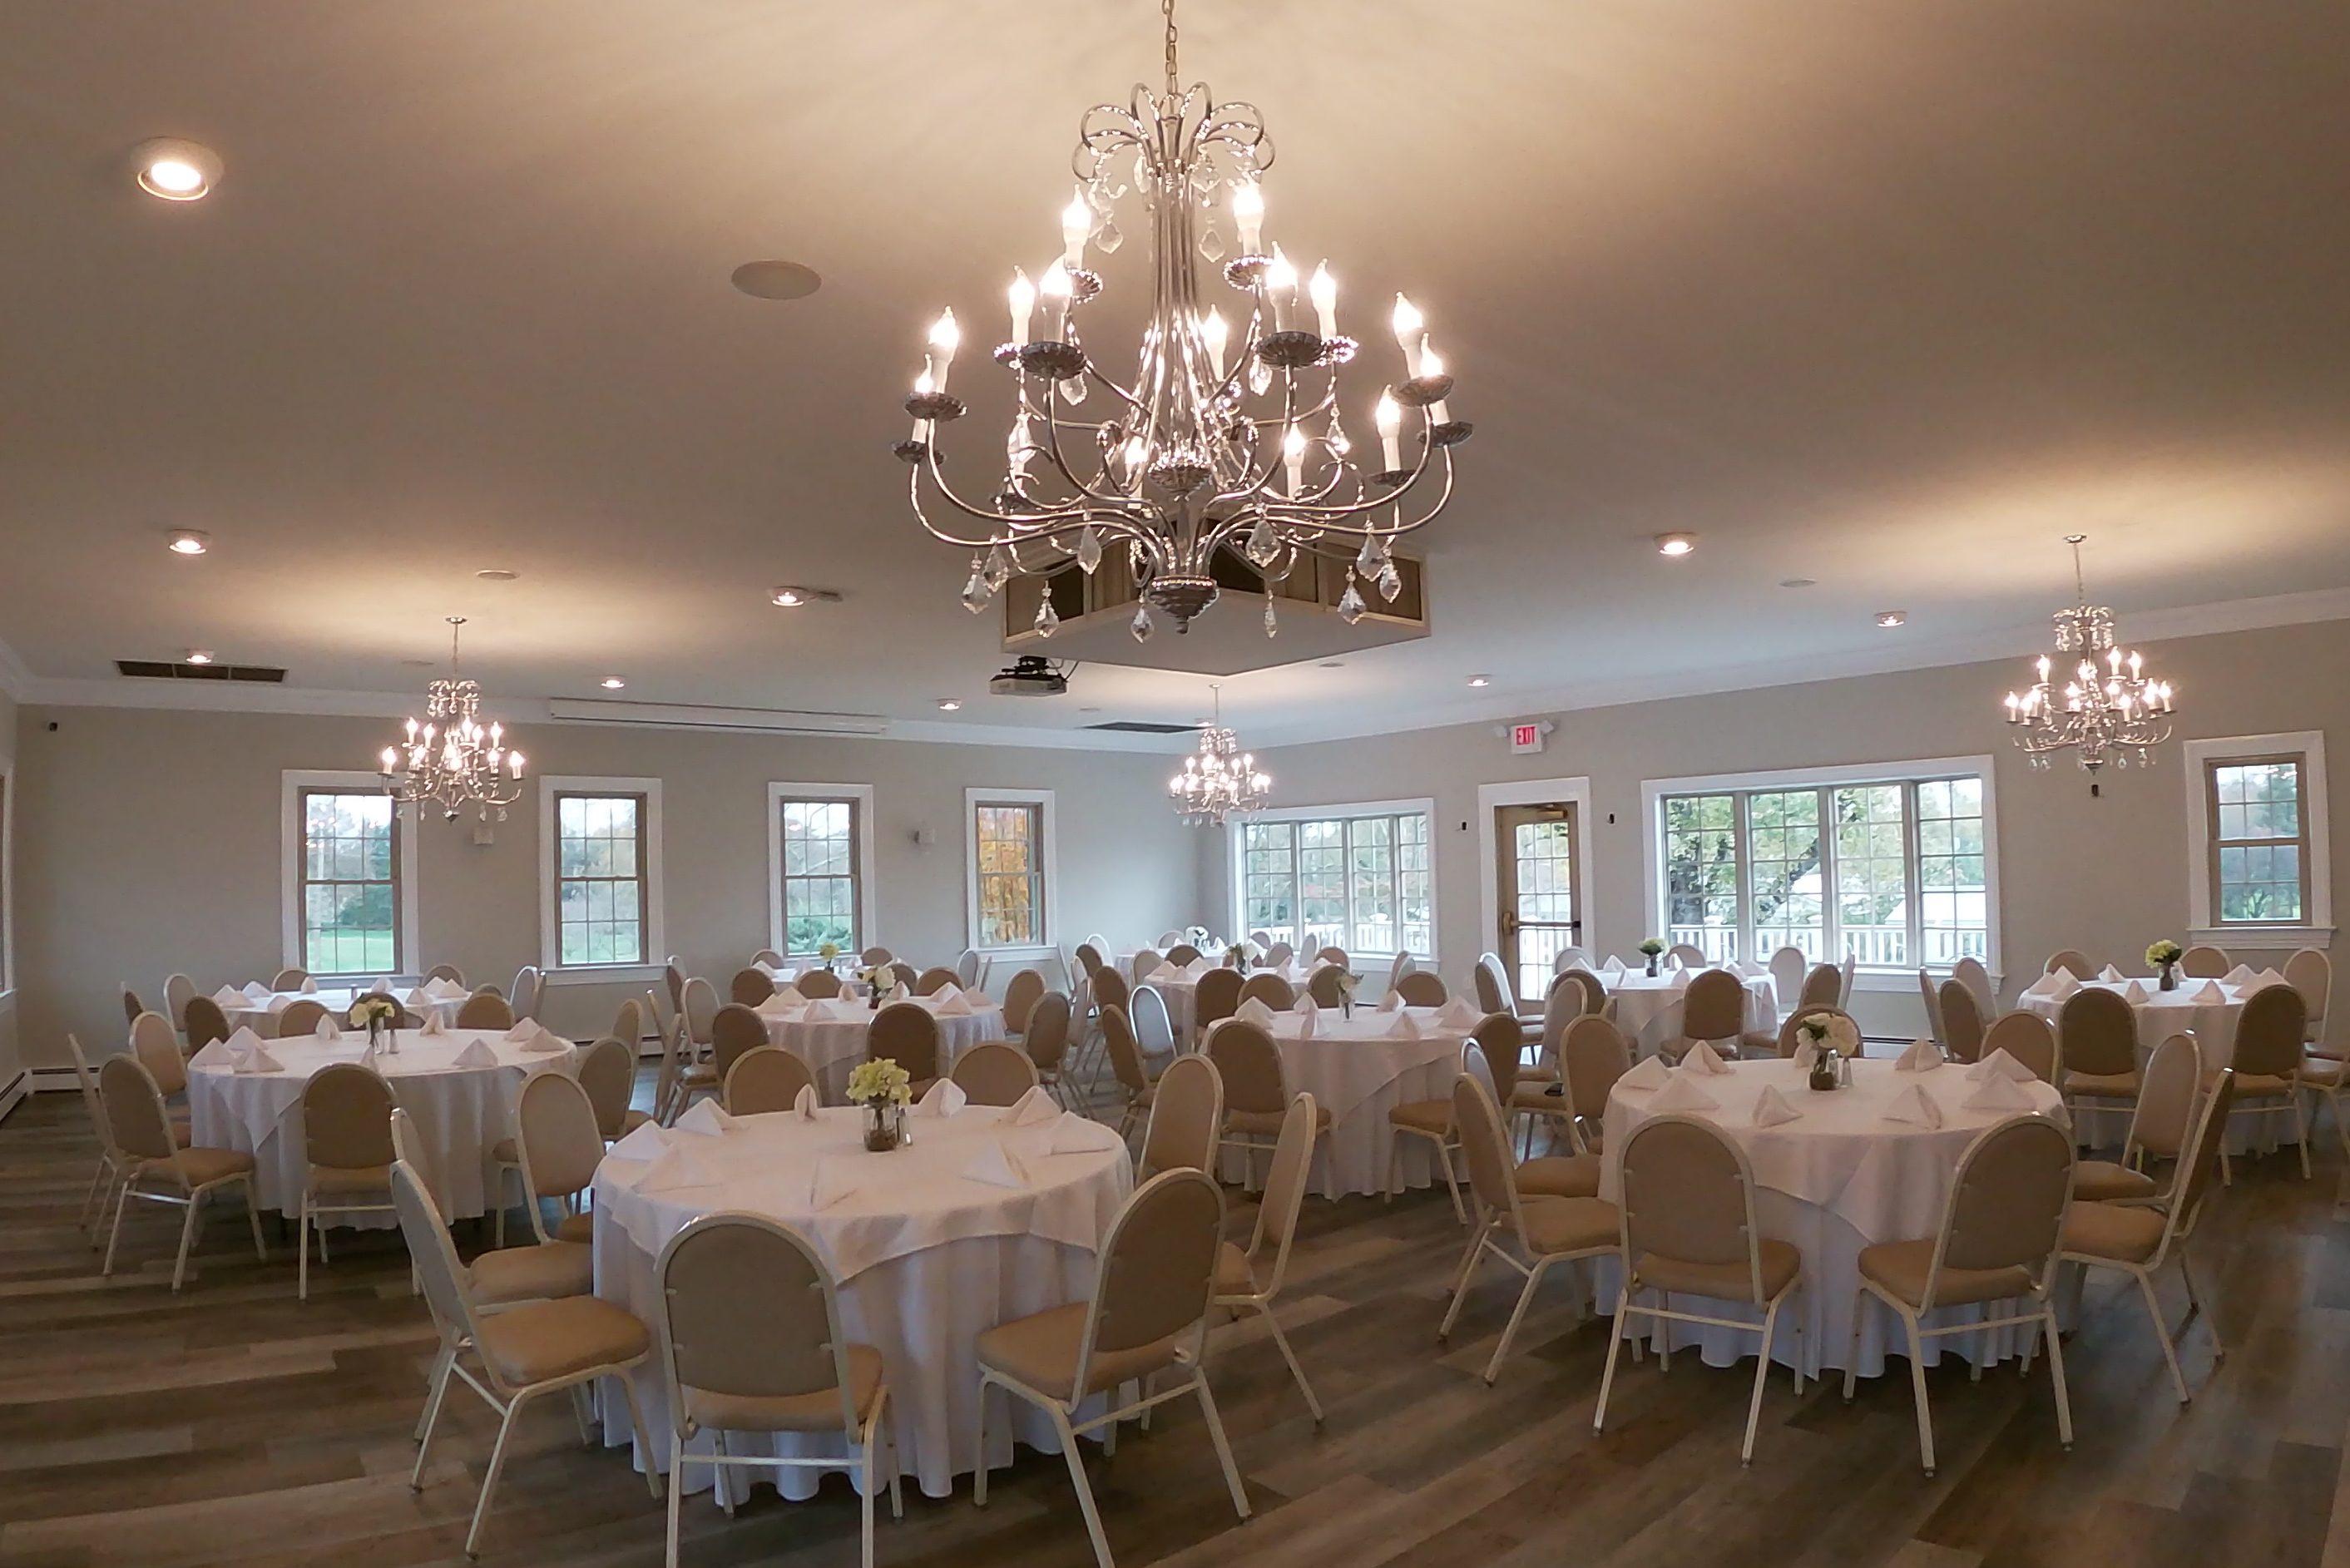 westwood golf club banquet venue